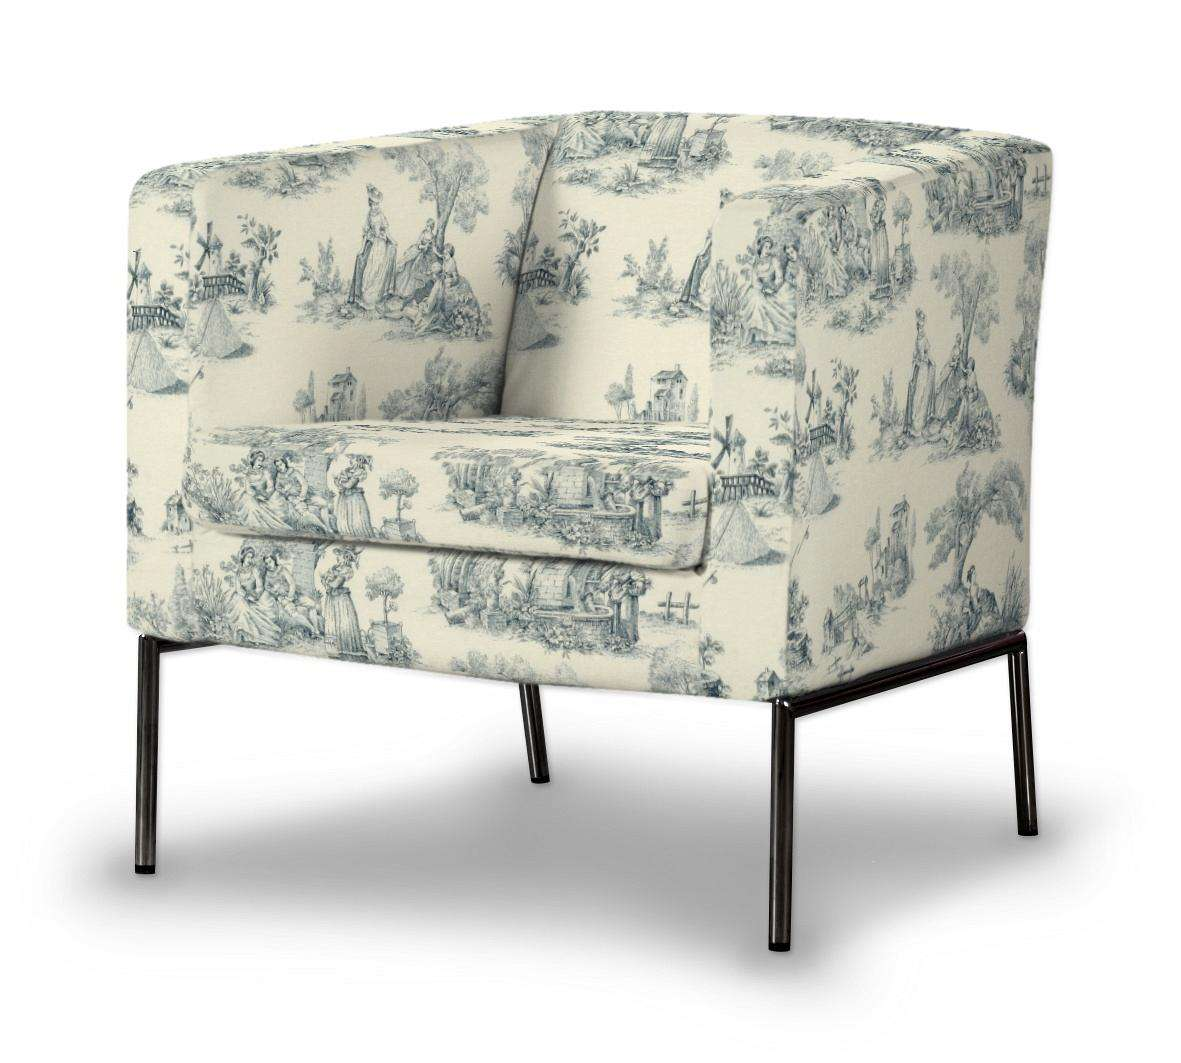 Pokrowiec na fotel Klappsta Fotel Klappsta w kolekcji Avinon, tkanina: 132-66